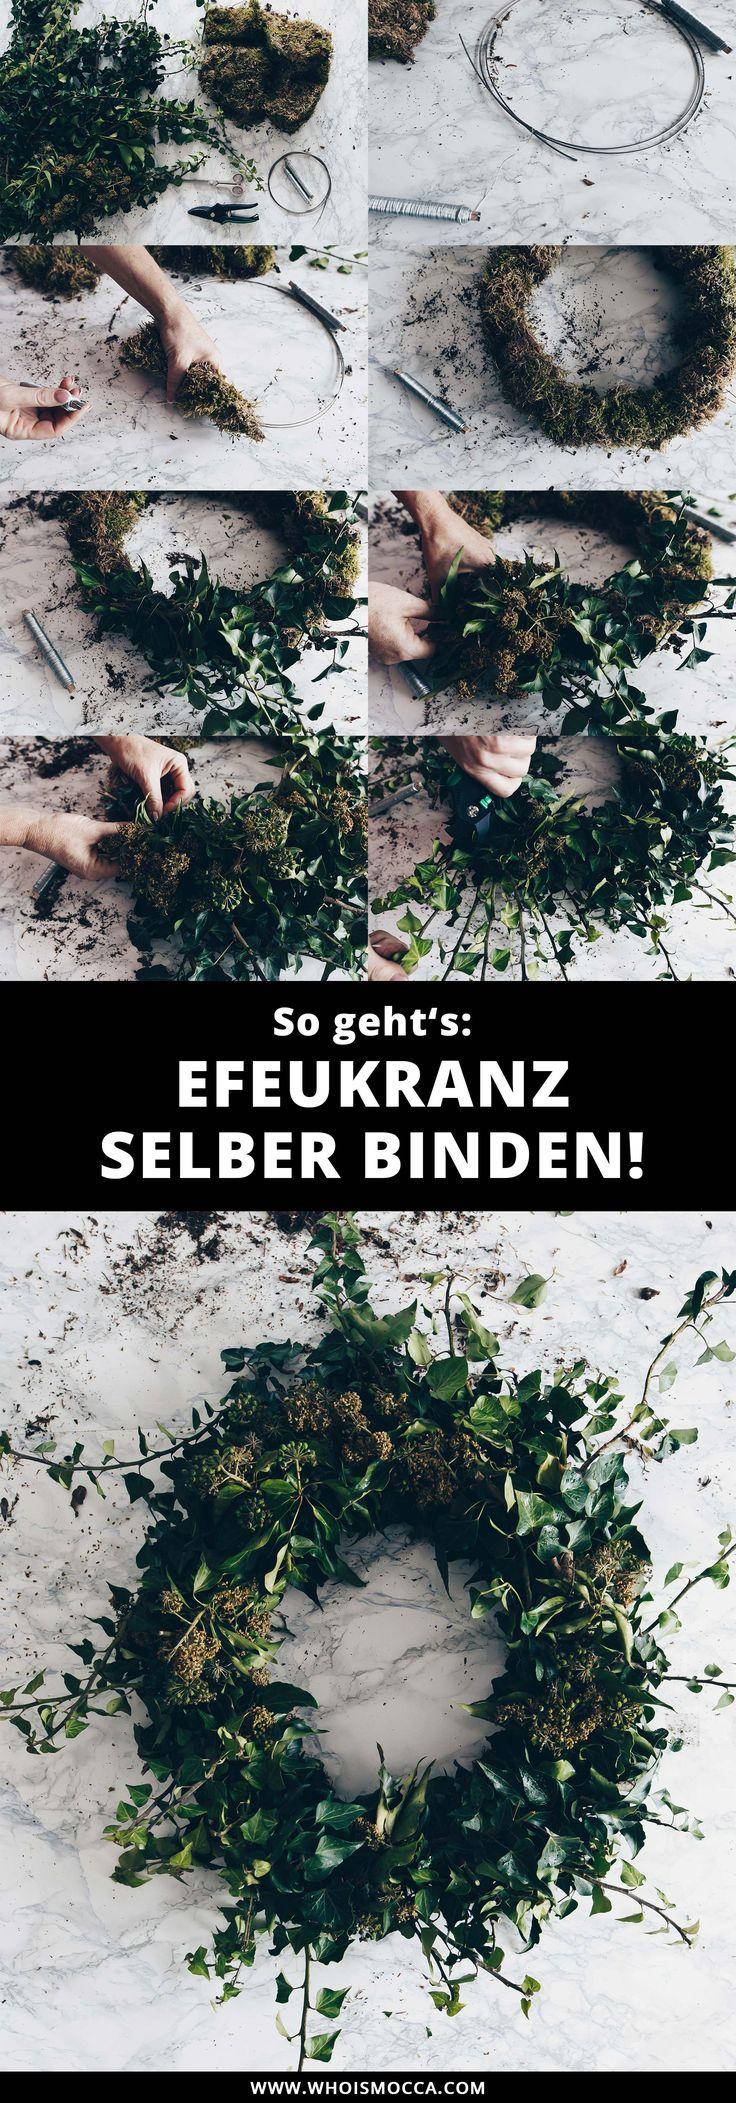 Efeukranz selber binden + 3 DIY Deko-Ideen für die Wohnung